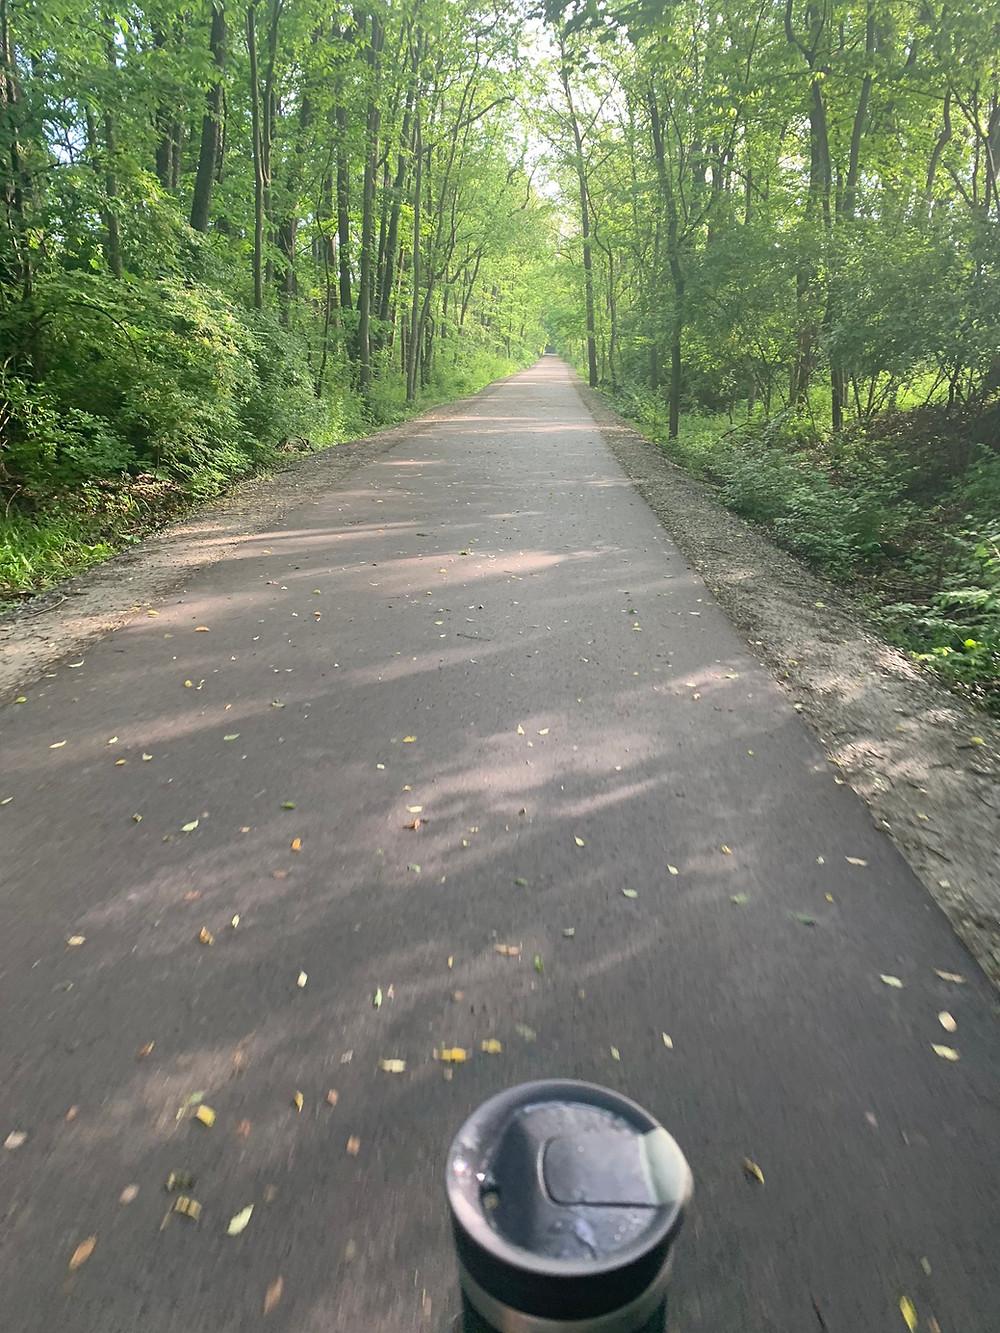 a coffee cup on a bike on a desolate paved trail